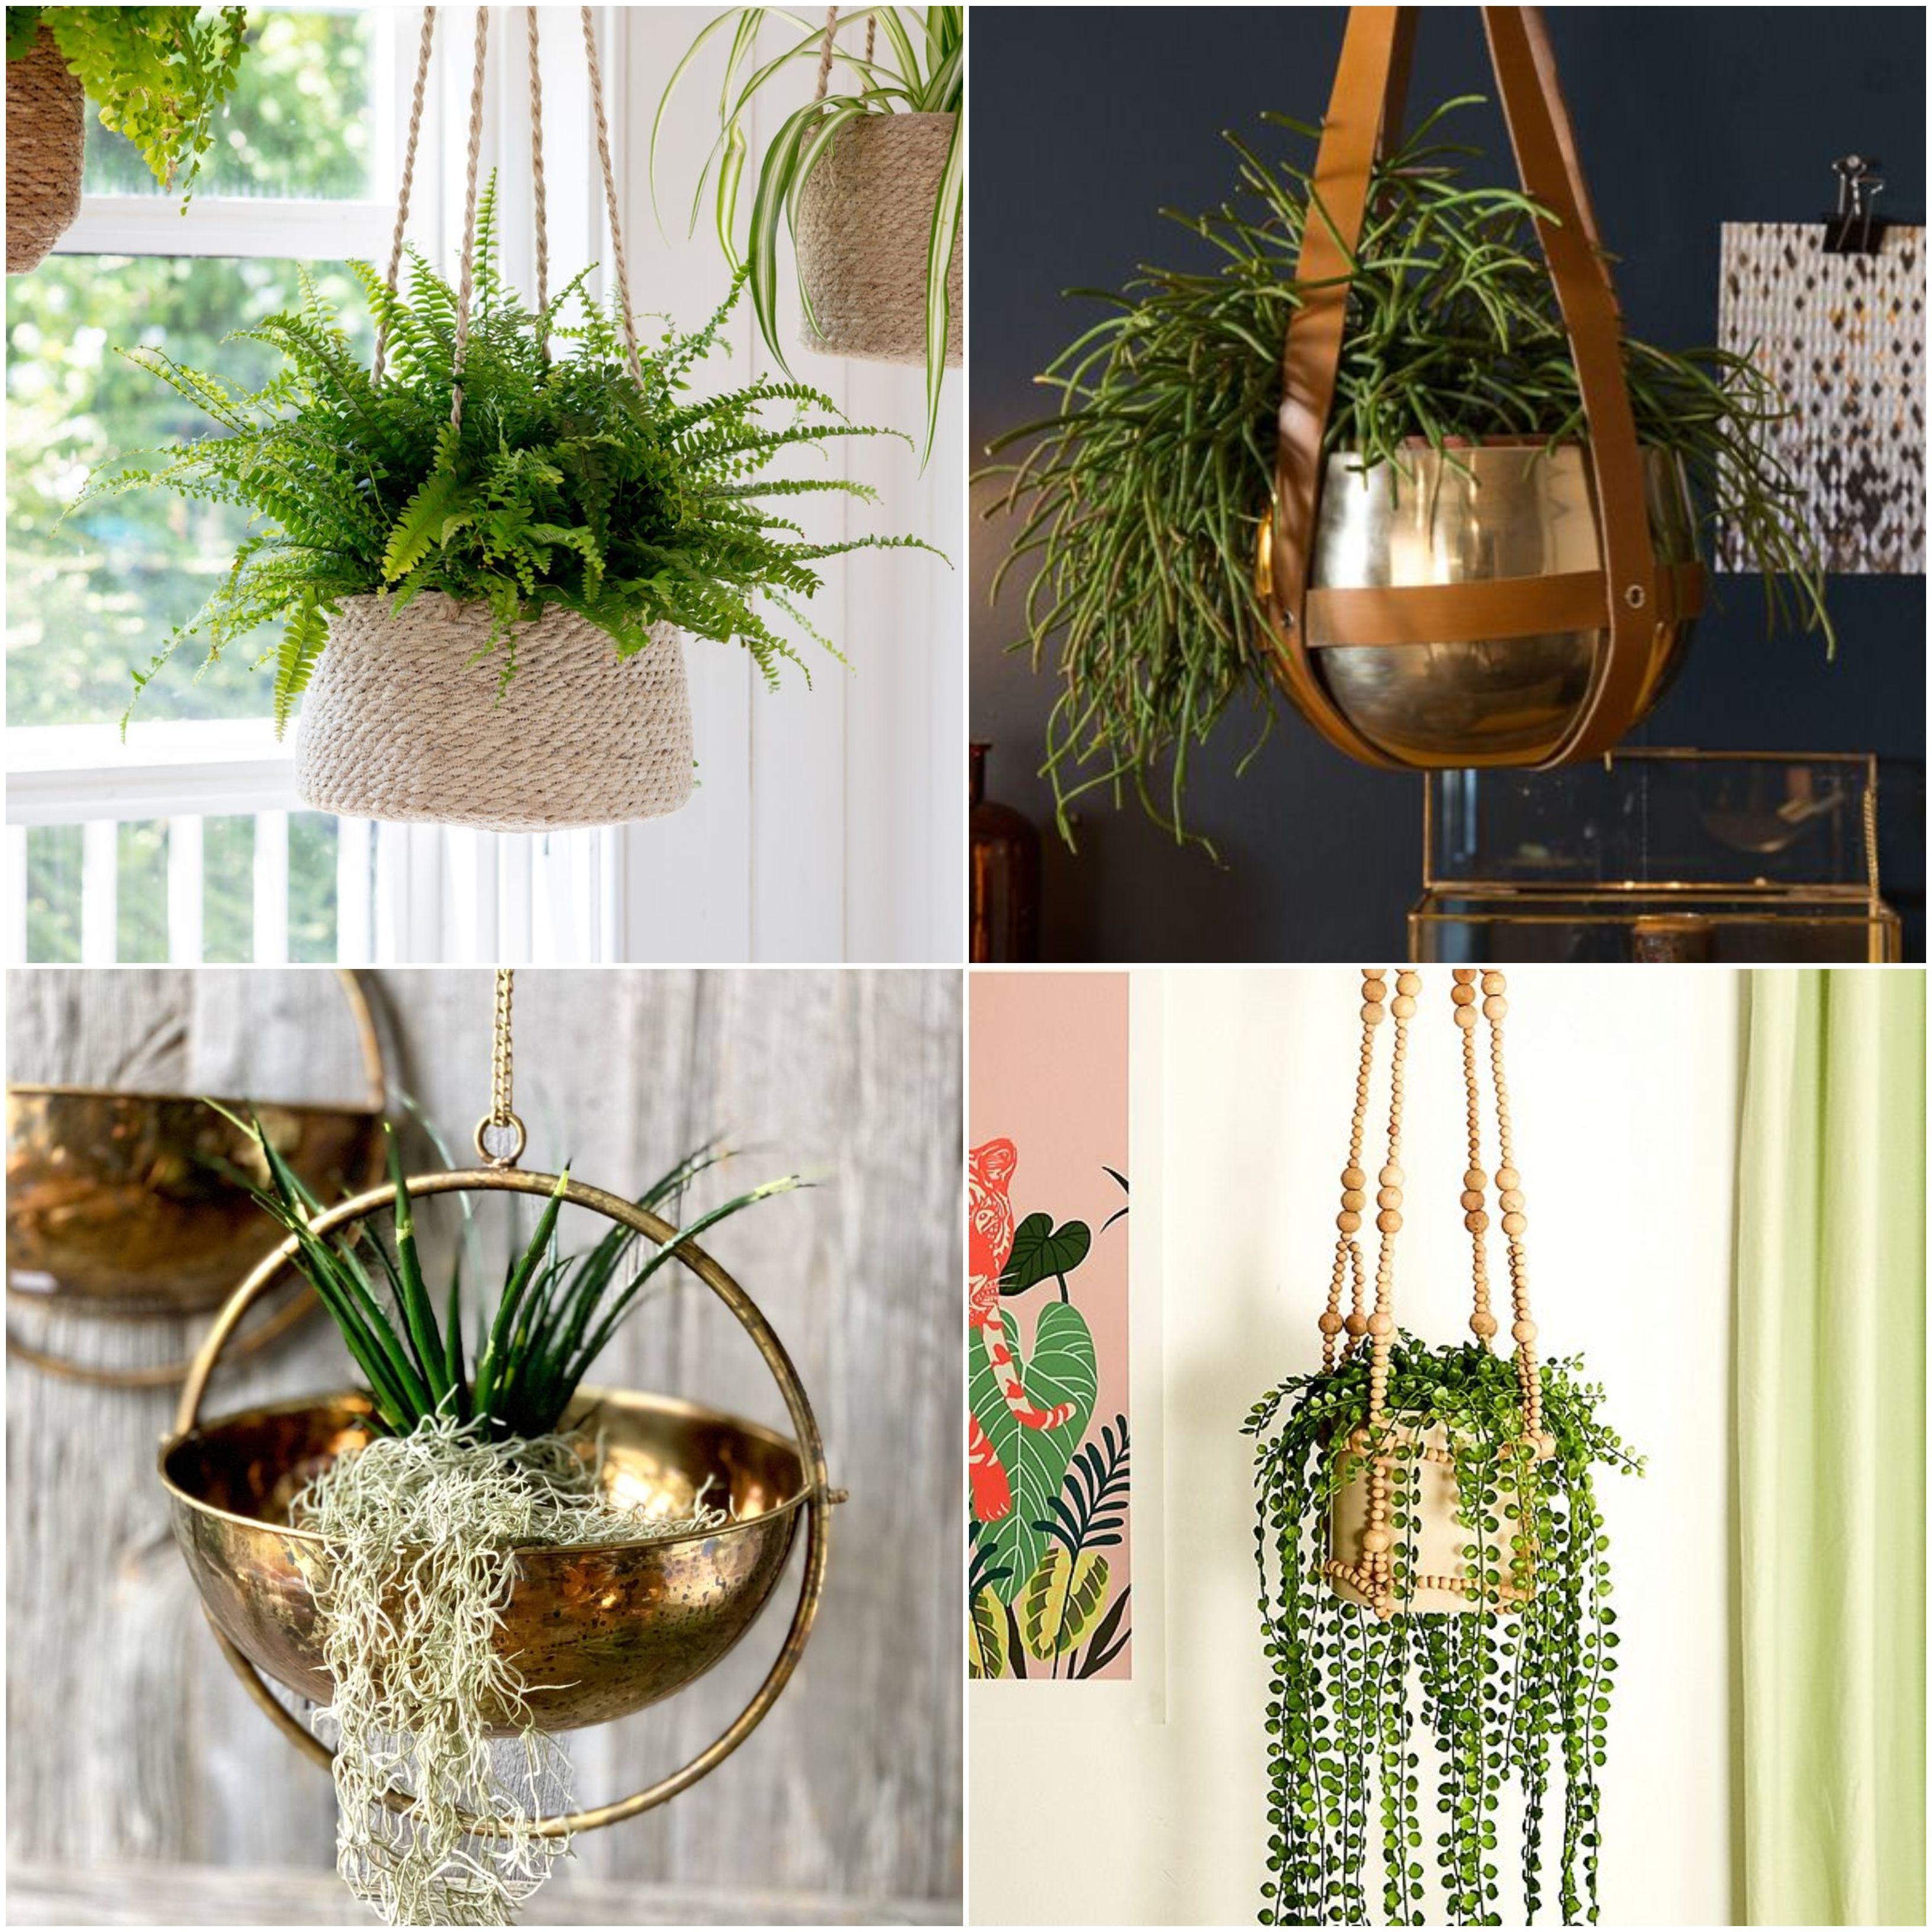 13 Best Indoor Hanging Planters on Hanging Plant Pots Indoor  id=78069